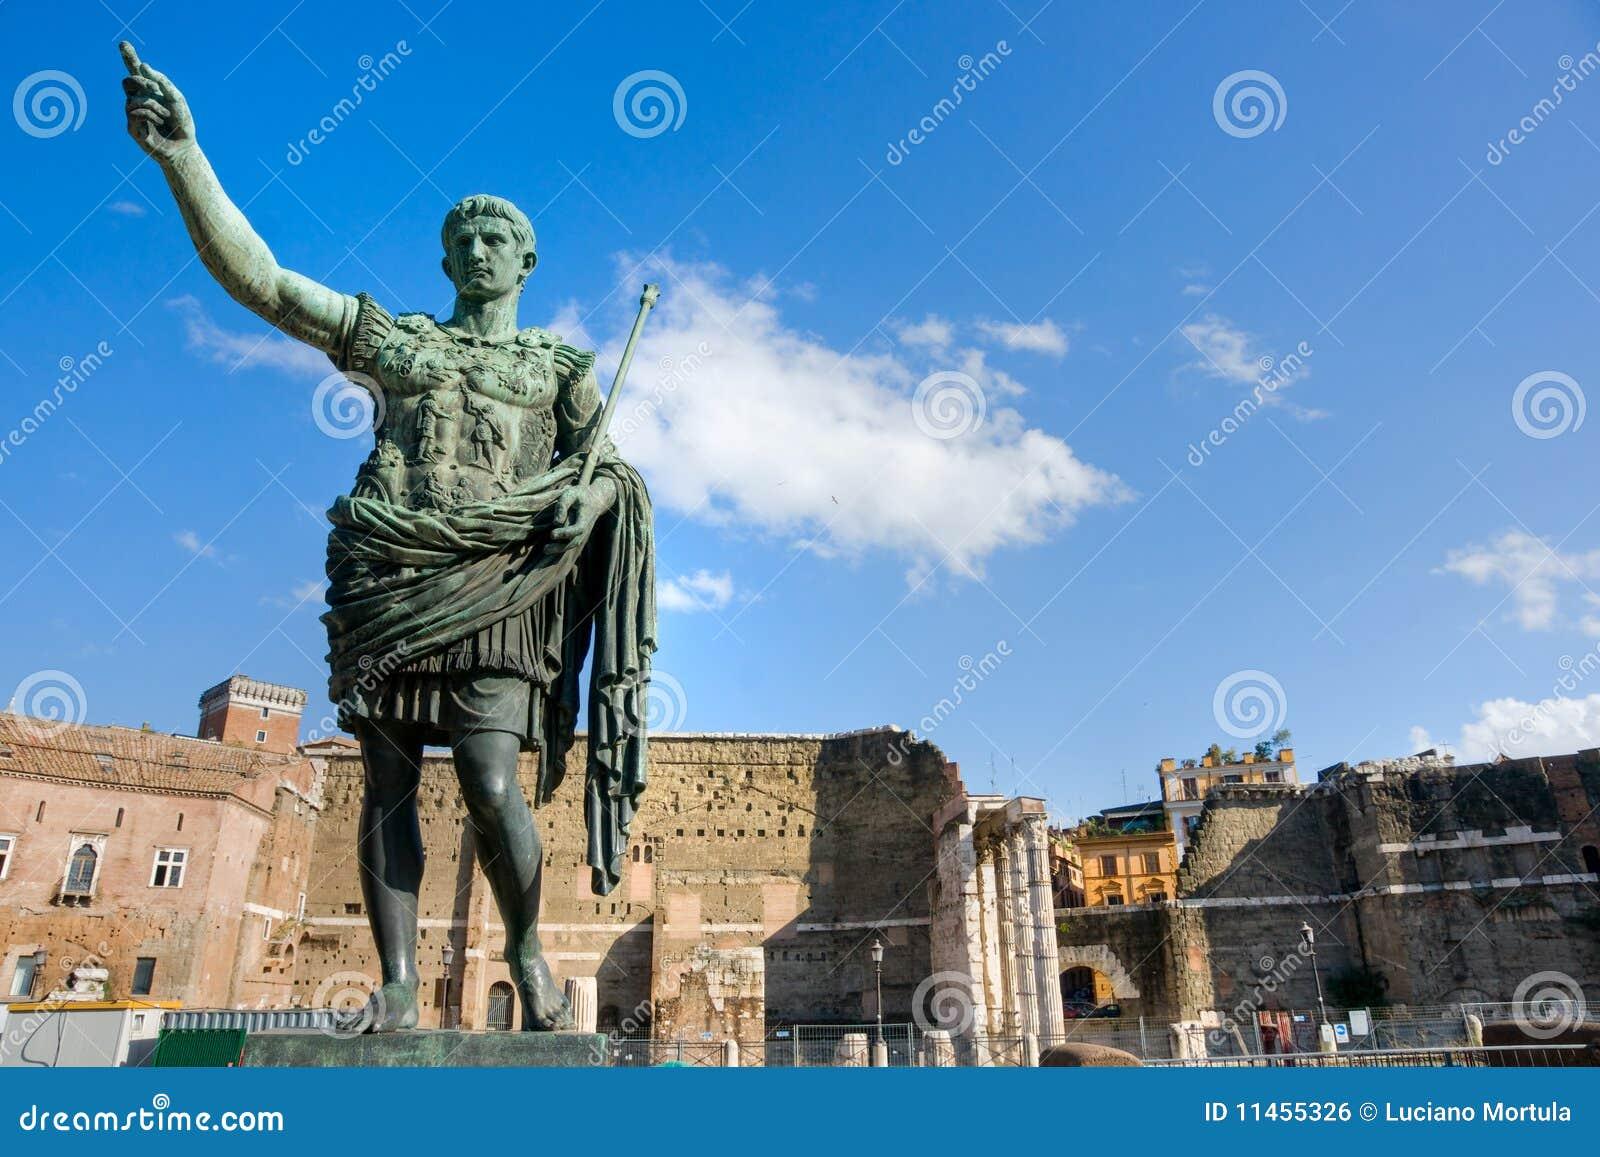 El foro de Trajan, Roma, Italia.